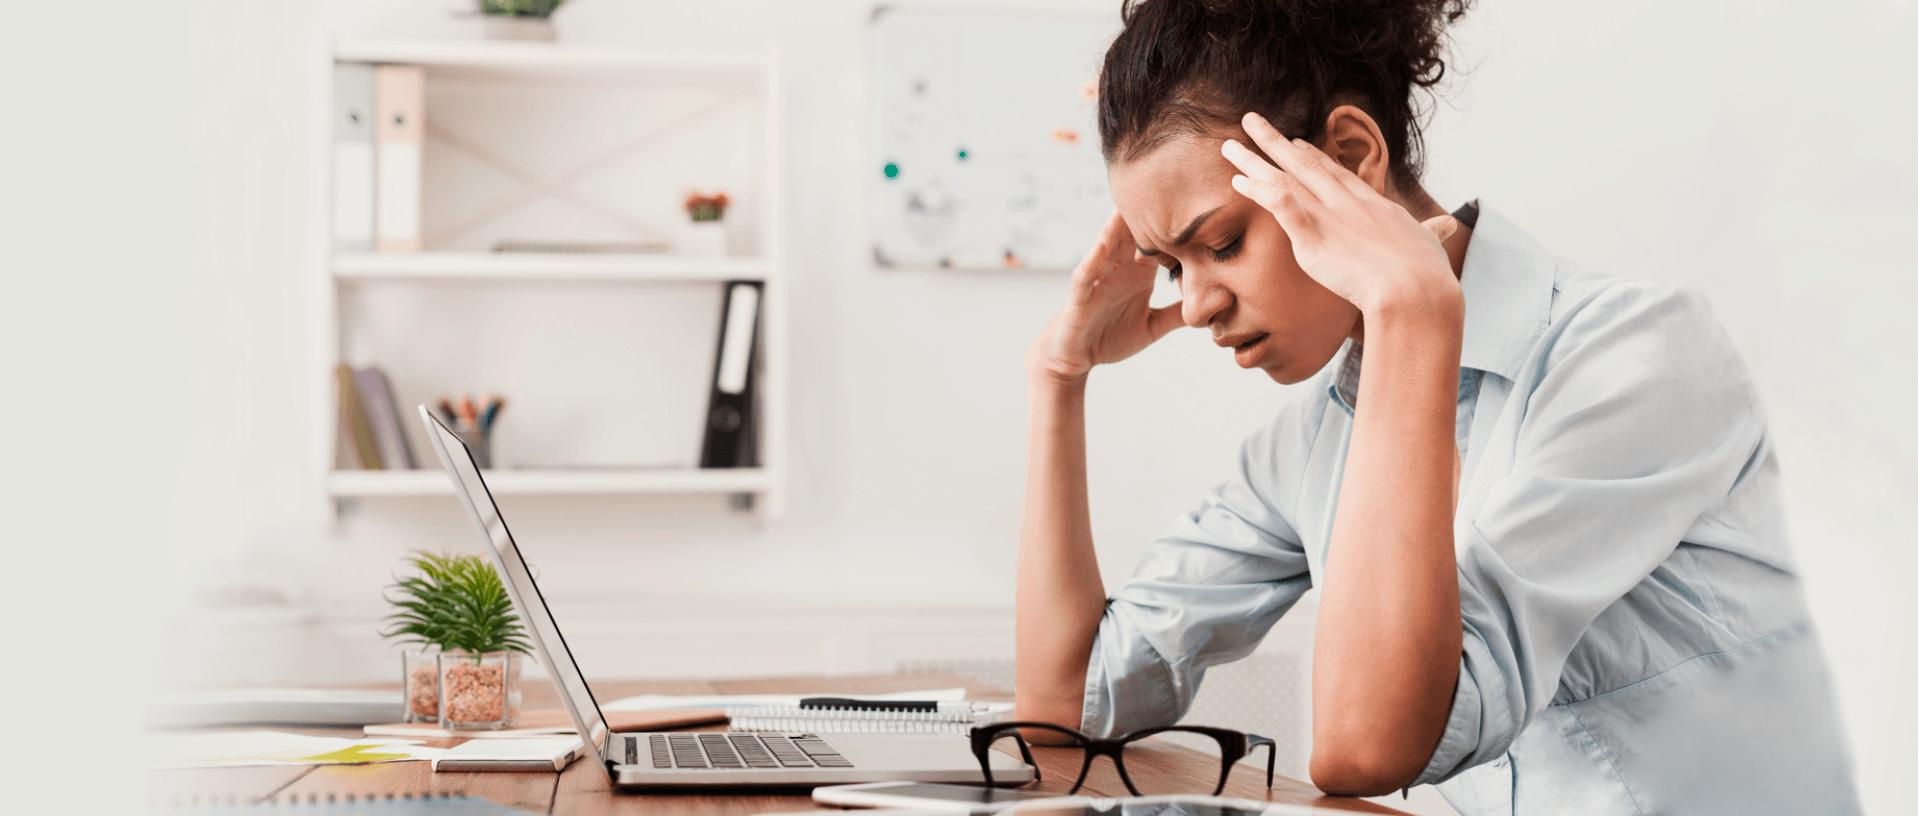 Dores de cabeça e a Síndrome de Irlen: desafios na vida profissional